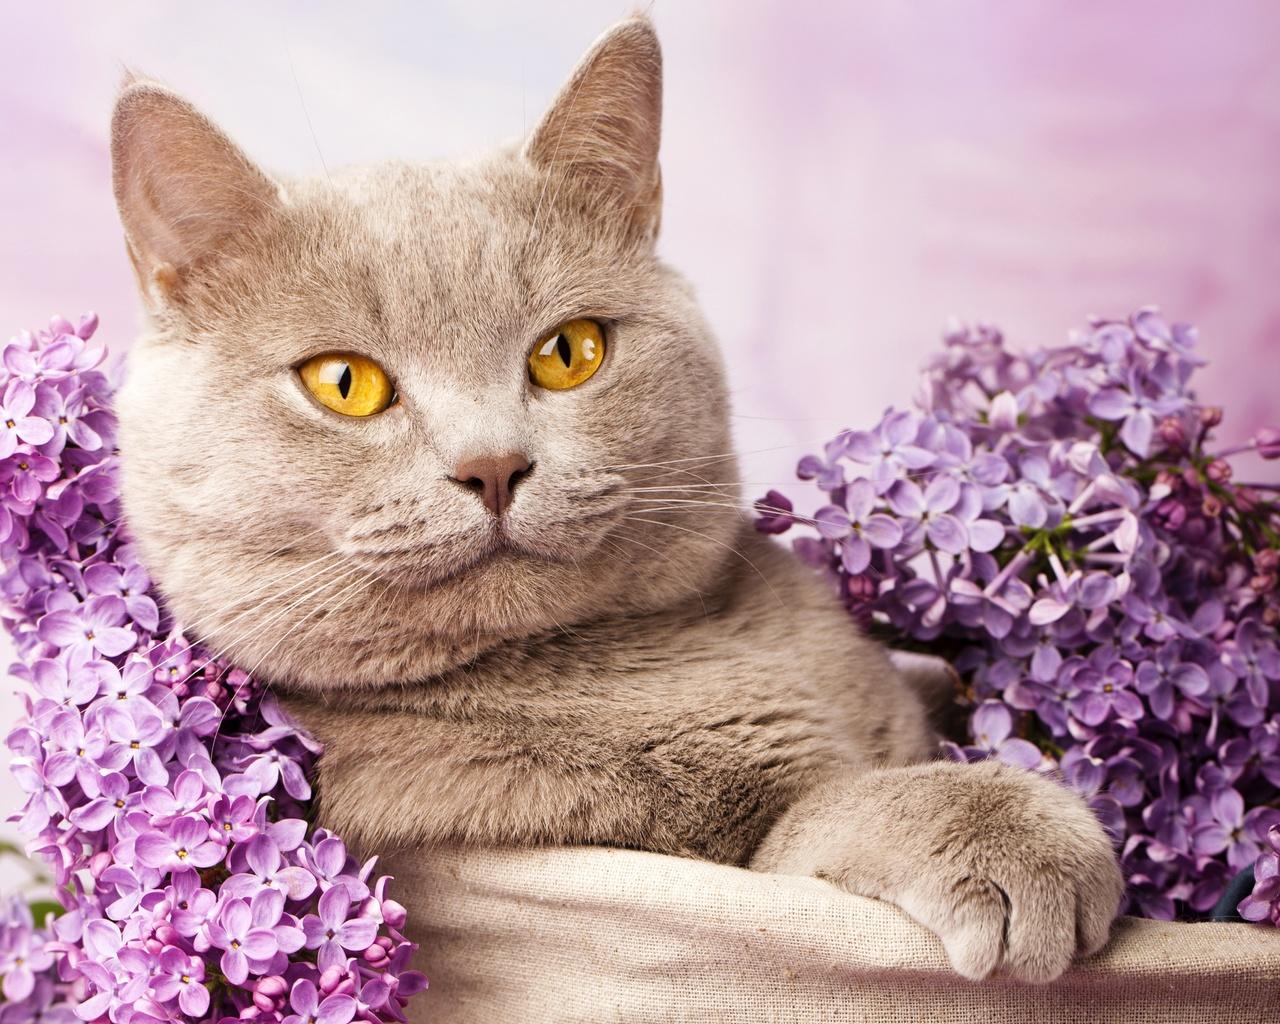 кошка цветы красиво фотография жители рассказали